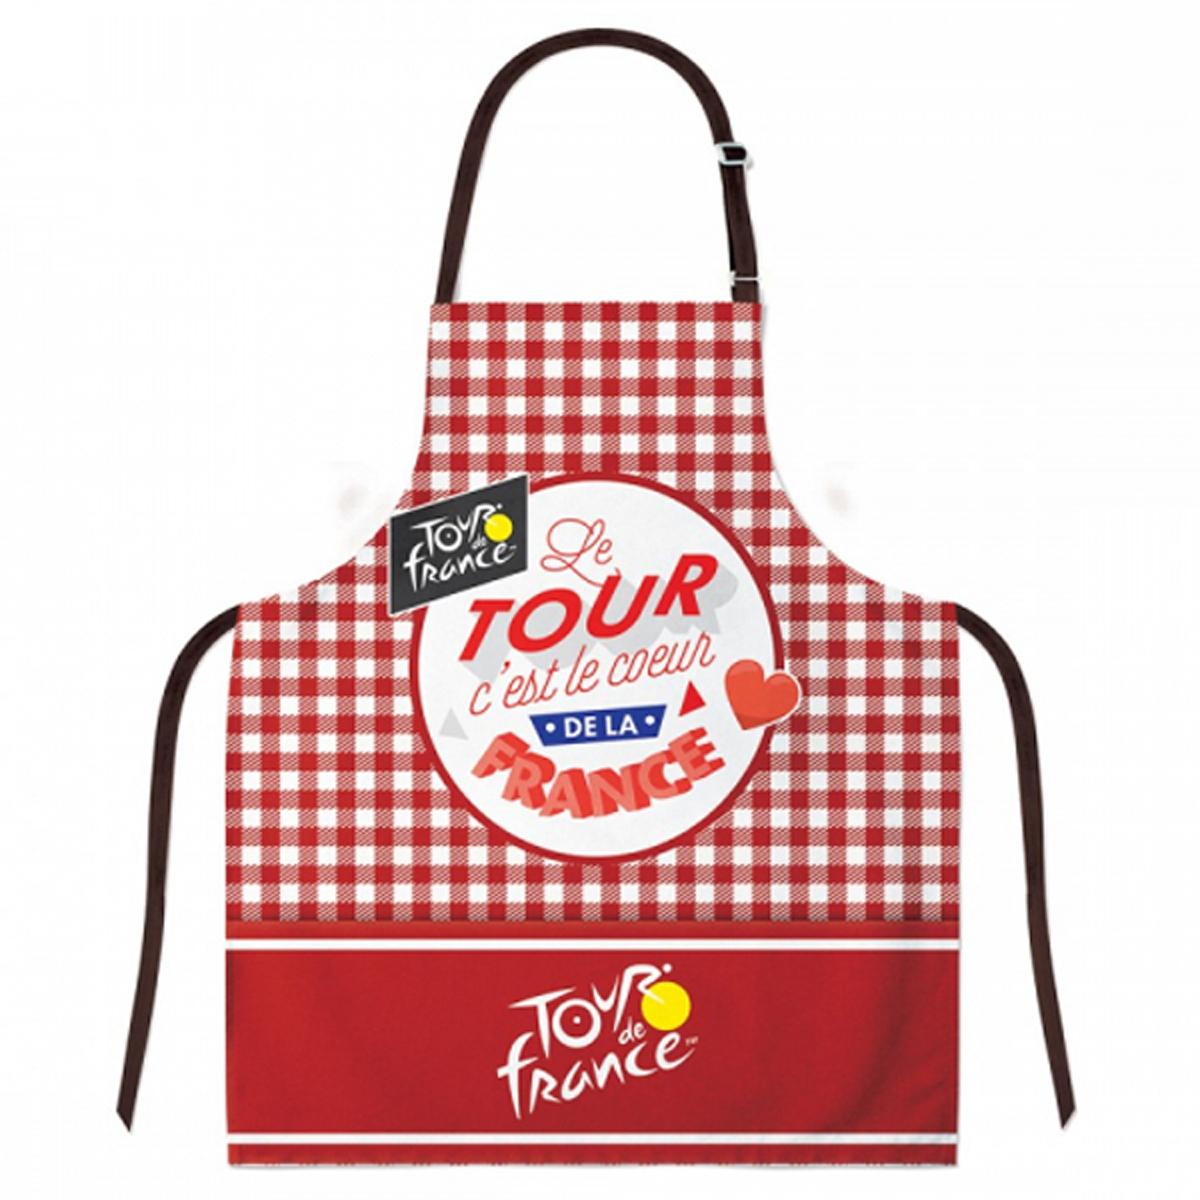 Tablier créateur coton \'Tour de France\' carreaux rouges (le Tour c\'est le coeur de la France)- 78x68 cm - [R1963]